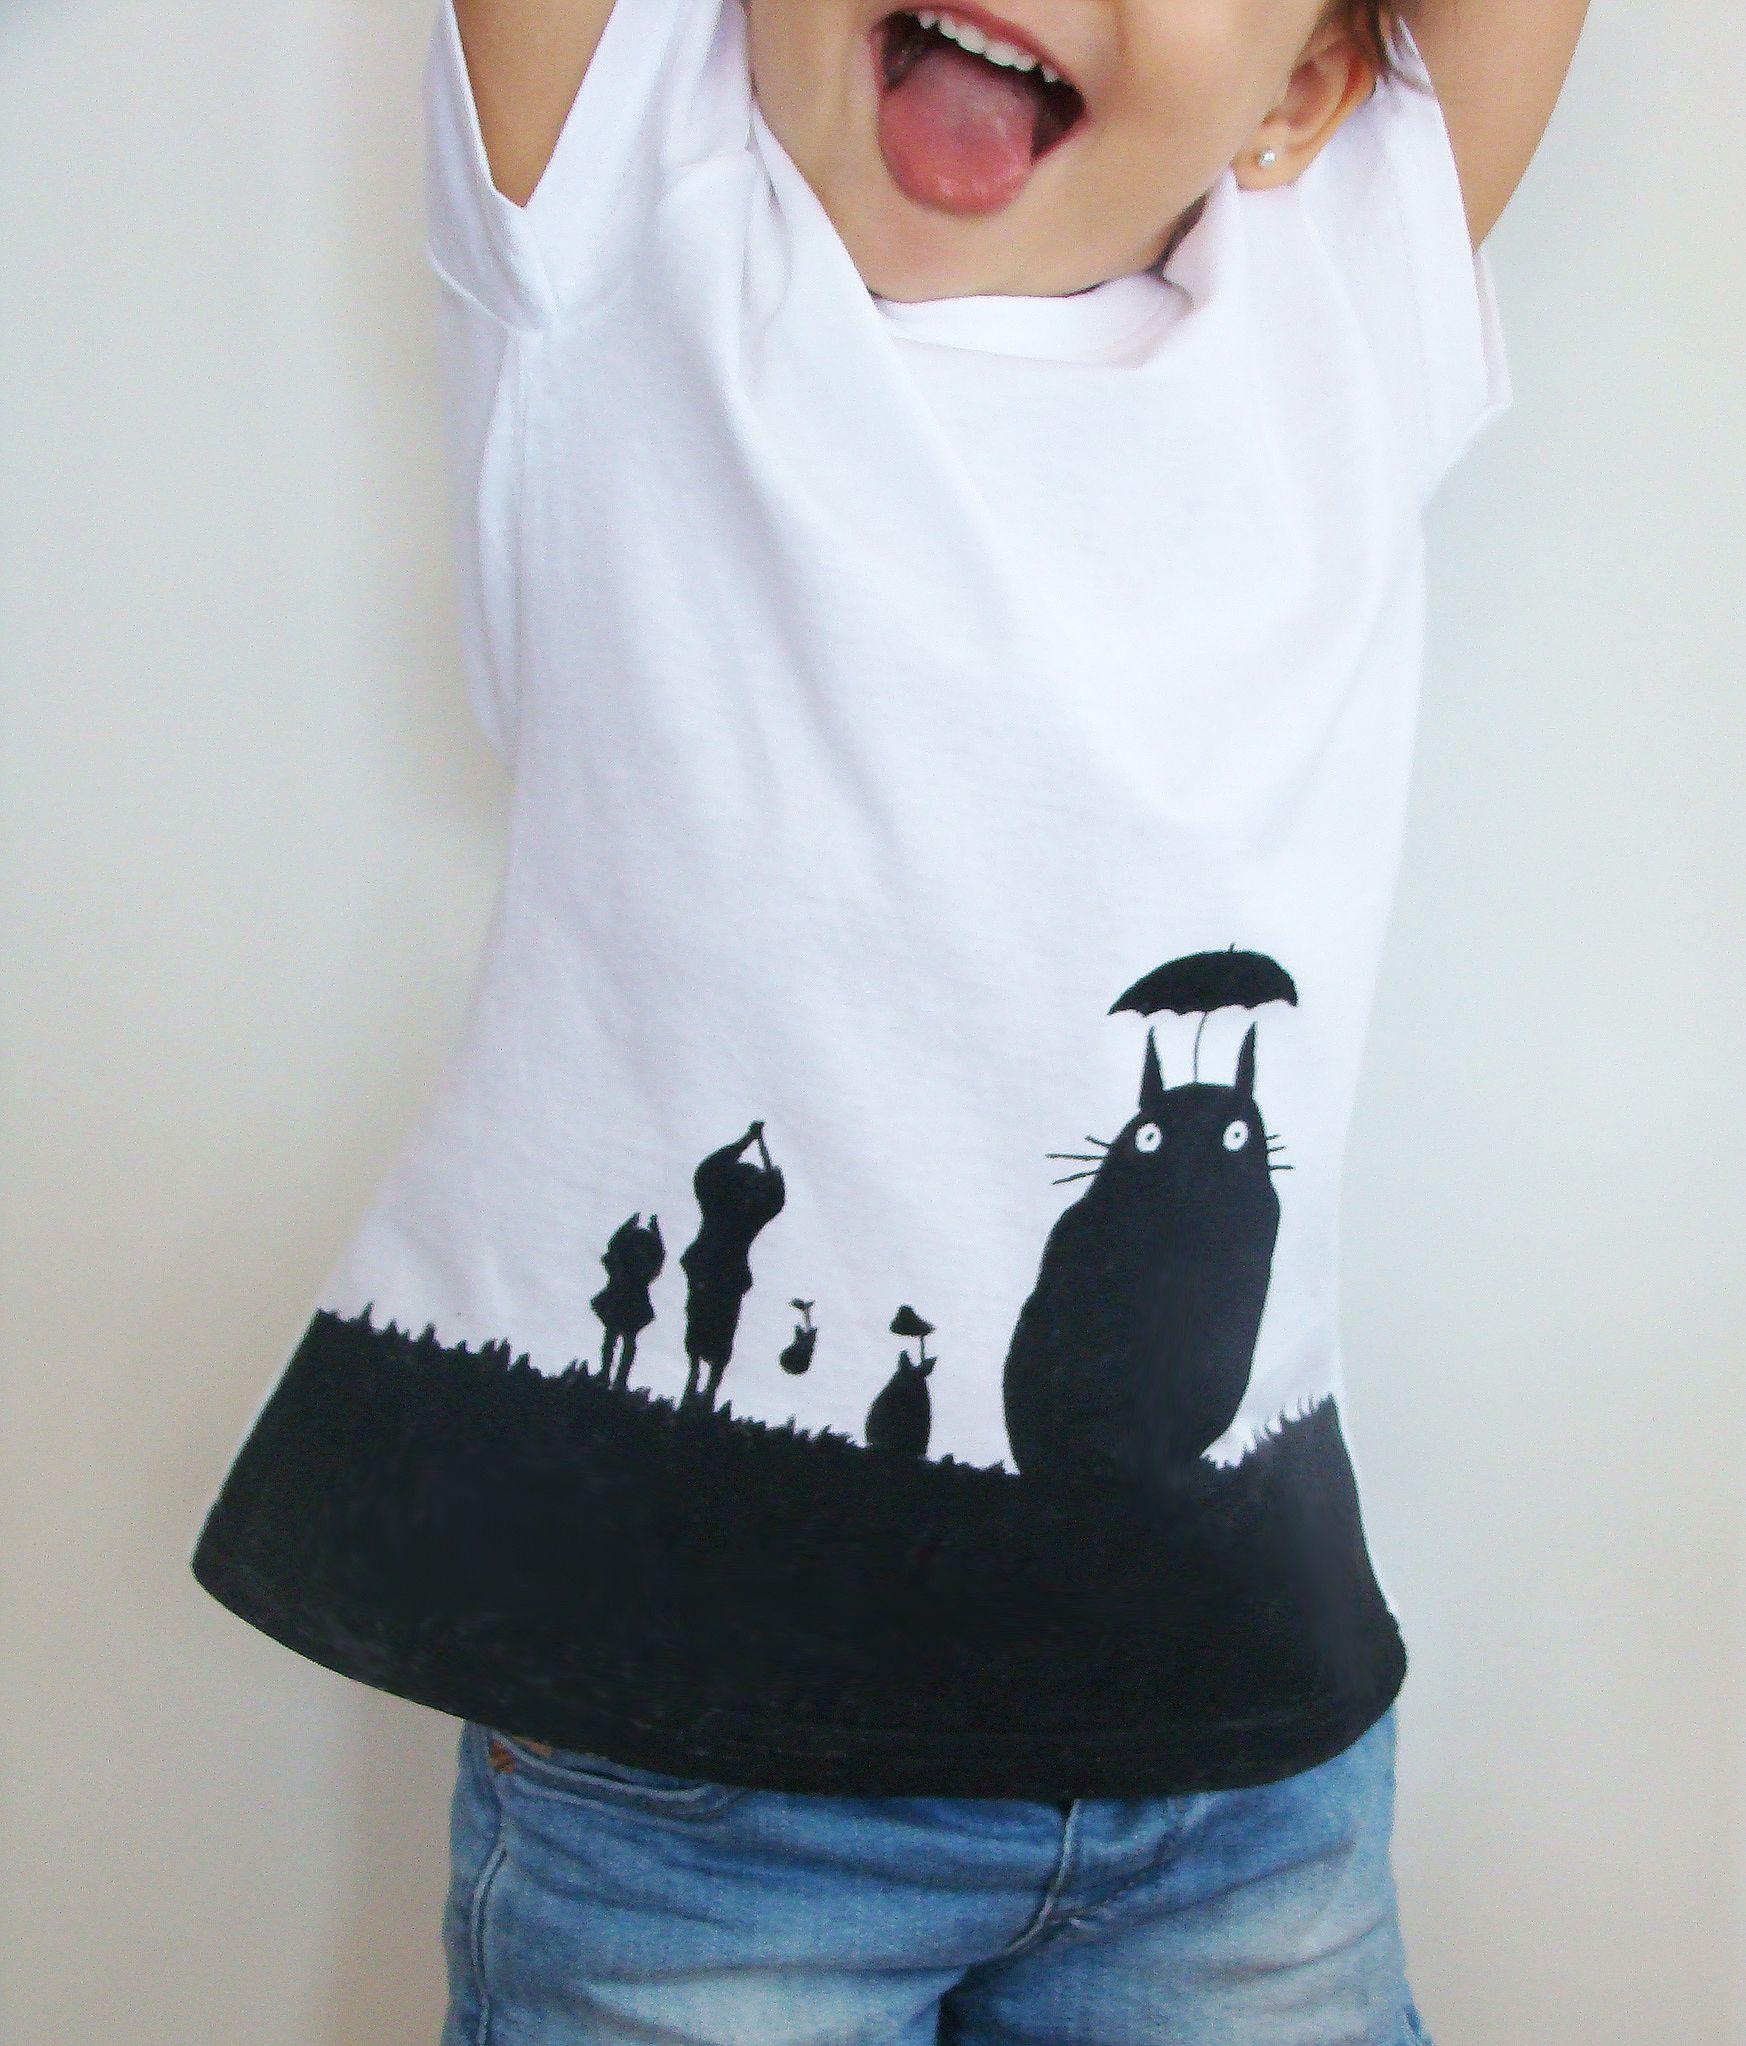 Mona gerarda diy camiseta con totoro pintada a mano - Plantillas para pintar camisetas ...